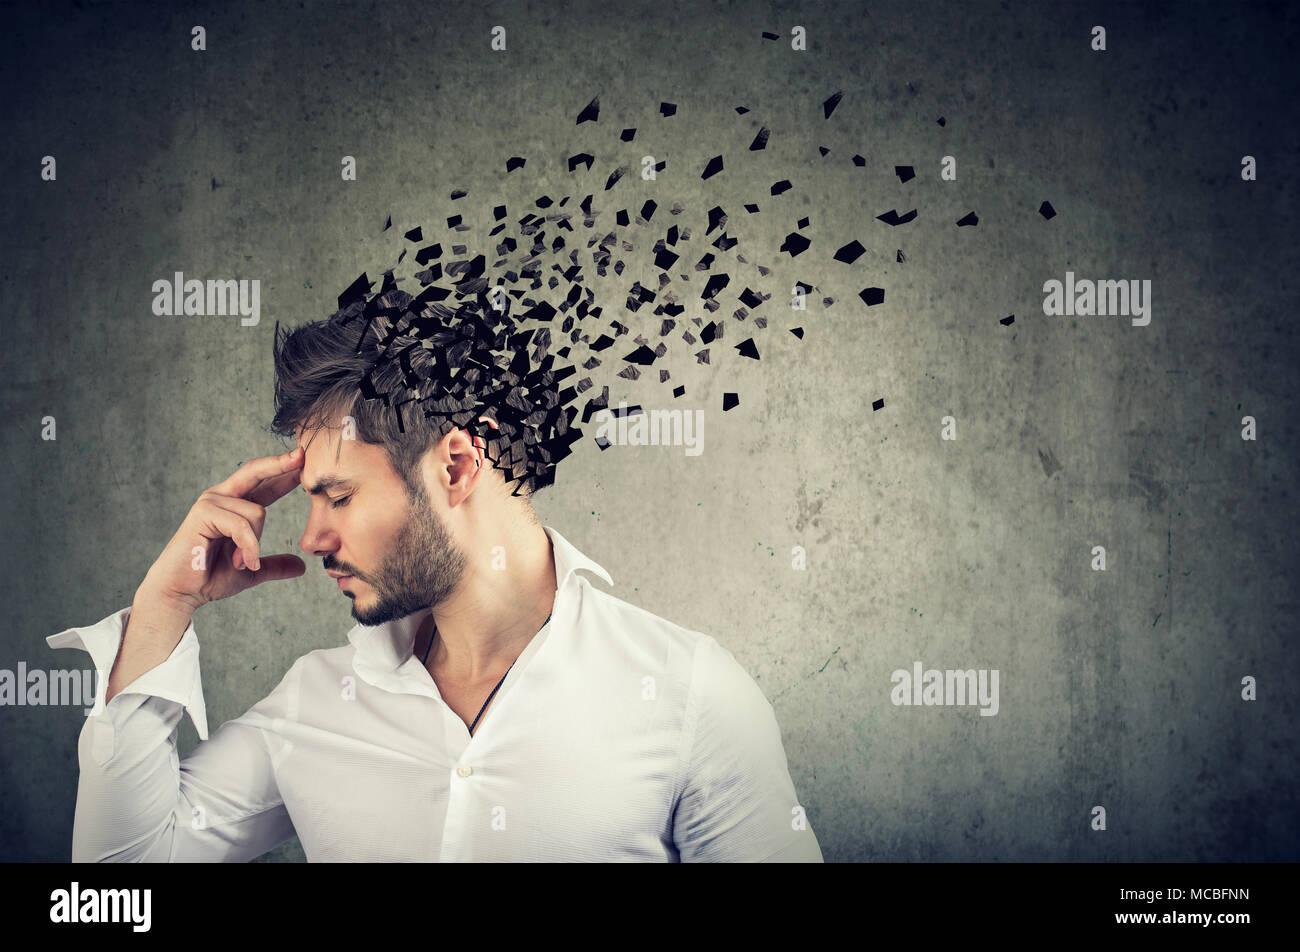 La perte de mémoire en raison de la démence ou des lésions cérébrales. Portrait d'un homme en train de perdre des parties de tête comme symbole d'une diminution de l'esprit. Photo Stock